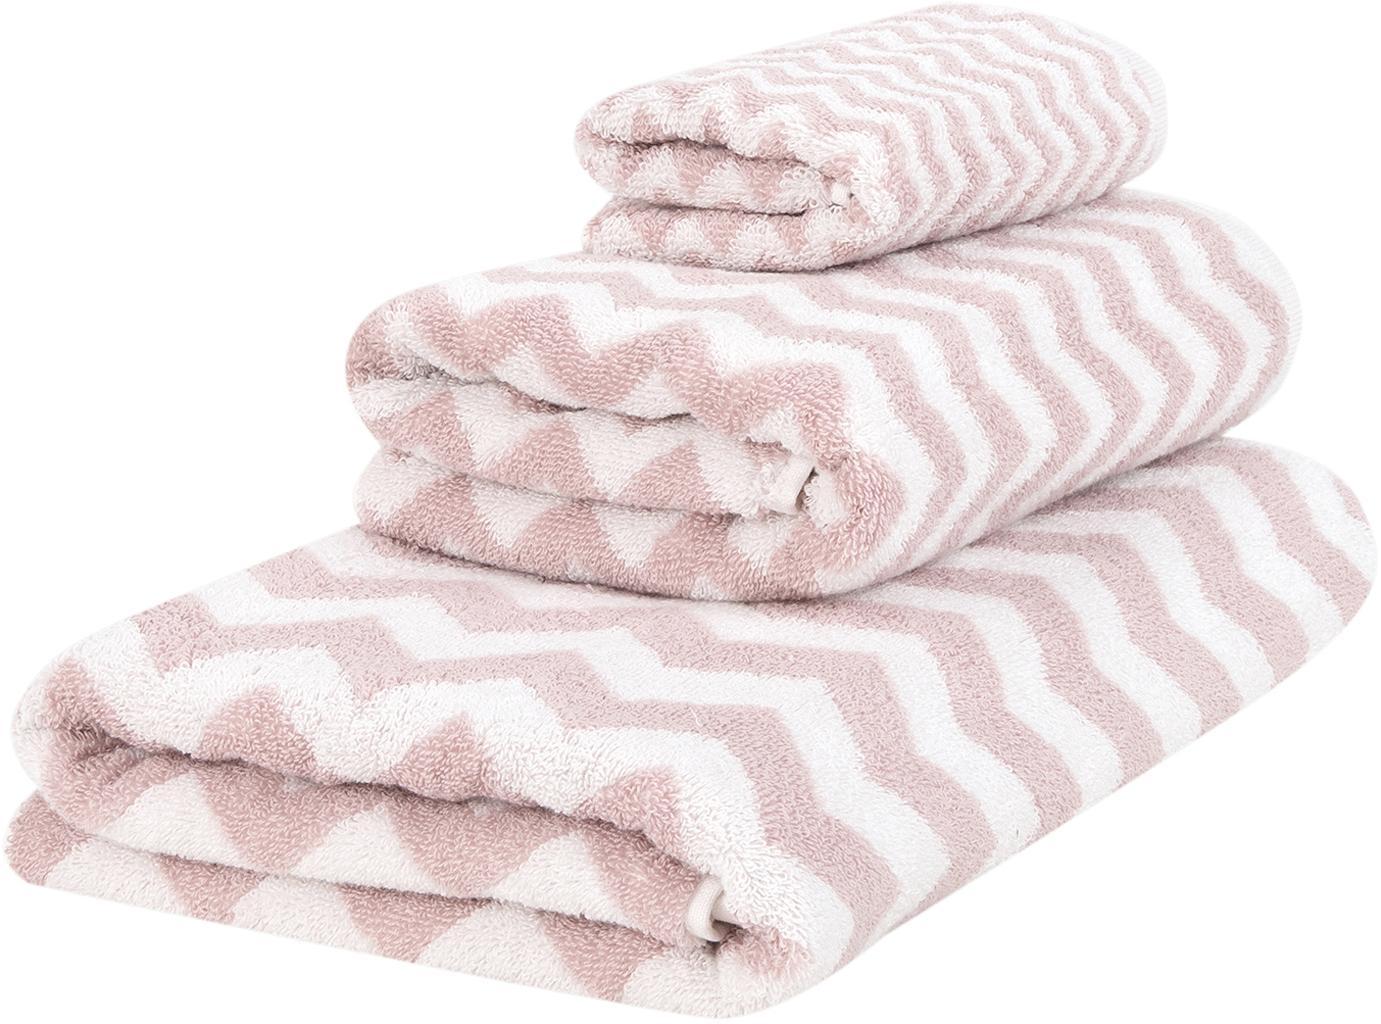 Set 3 asciugamani con motivo a zigzag Liv, Rosa, bianco crema, Set in varie misure